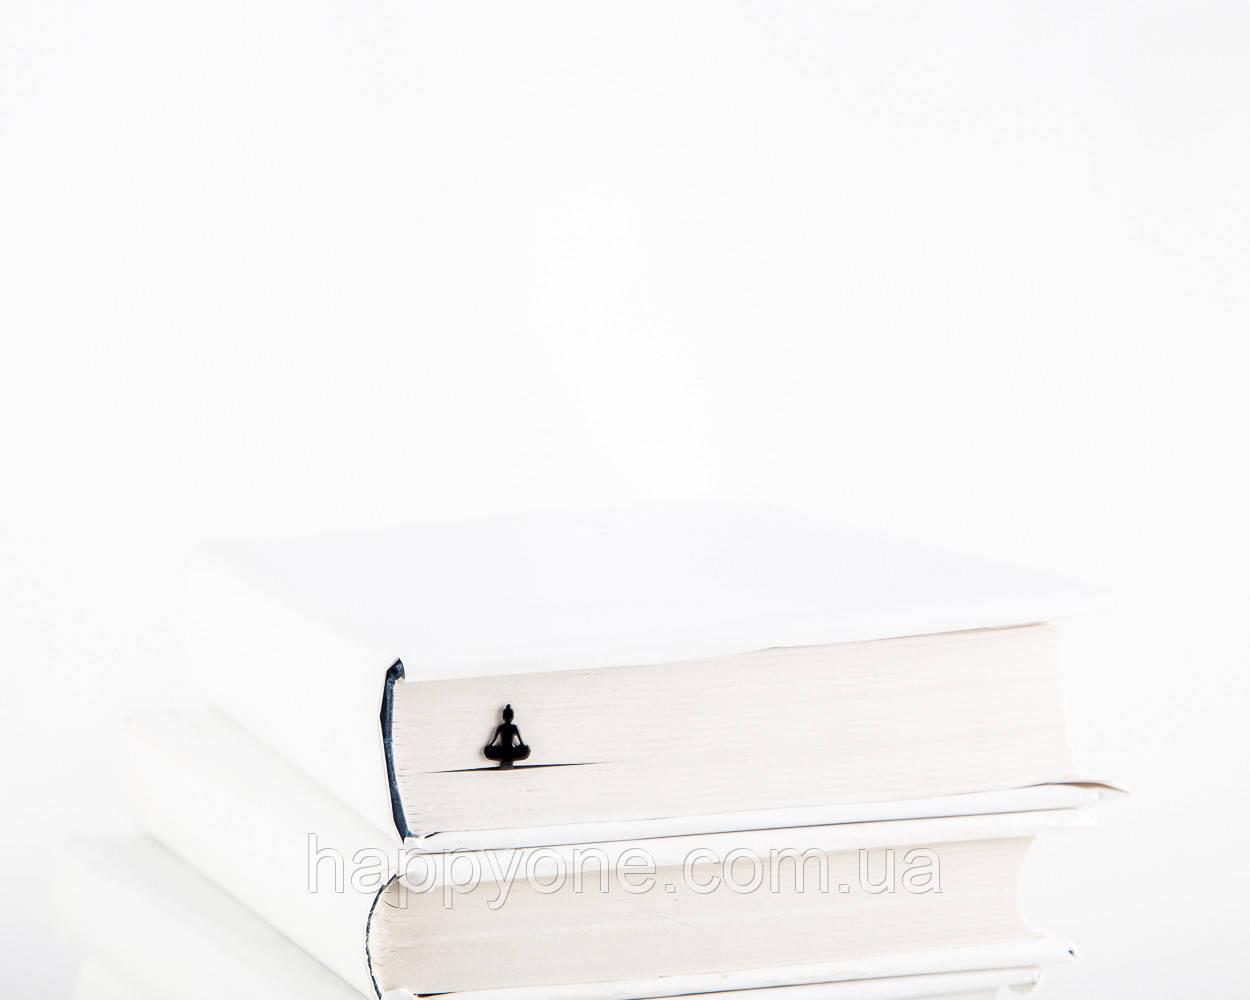 Закладка для книг Будда